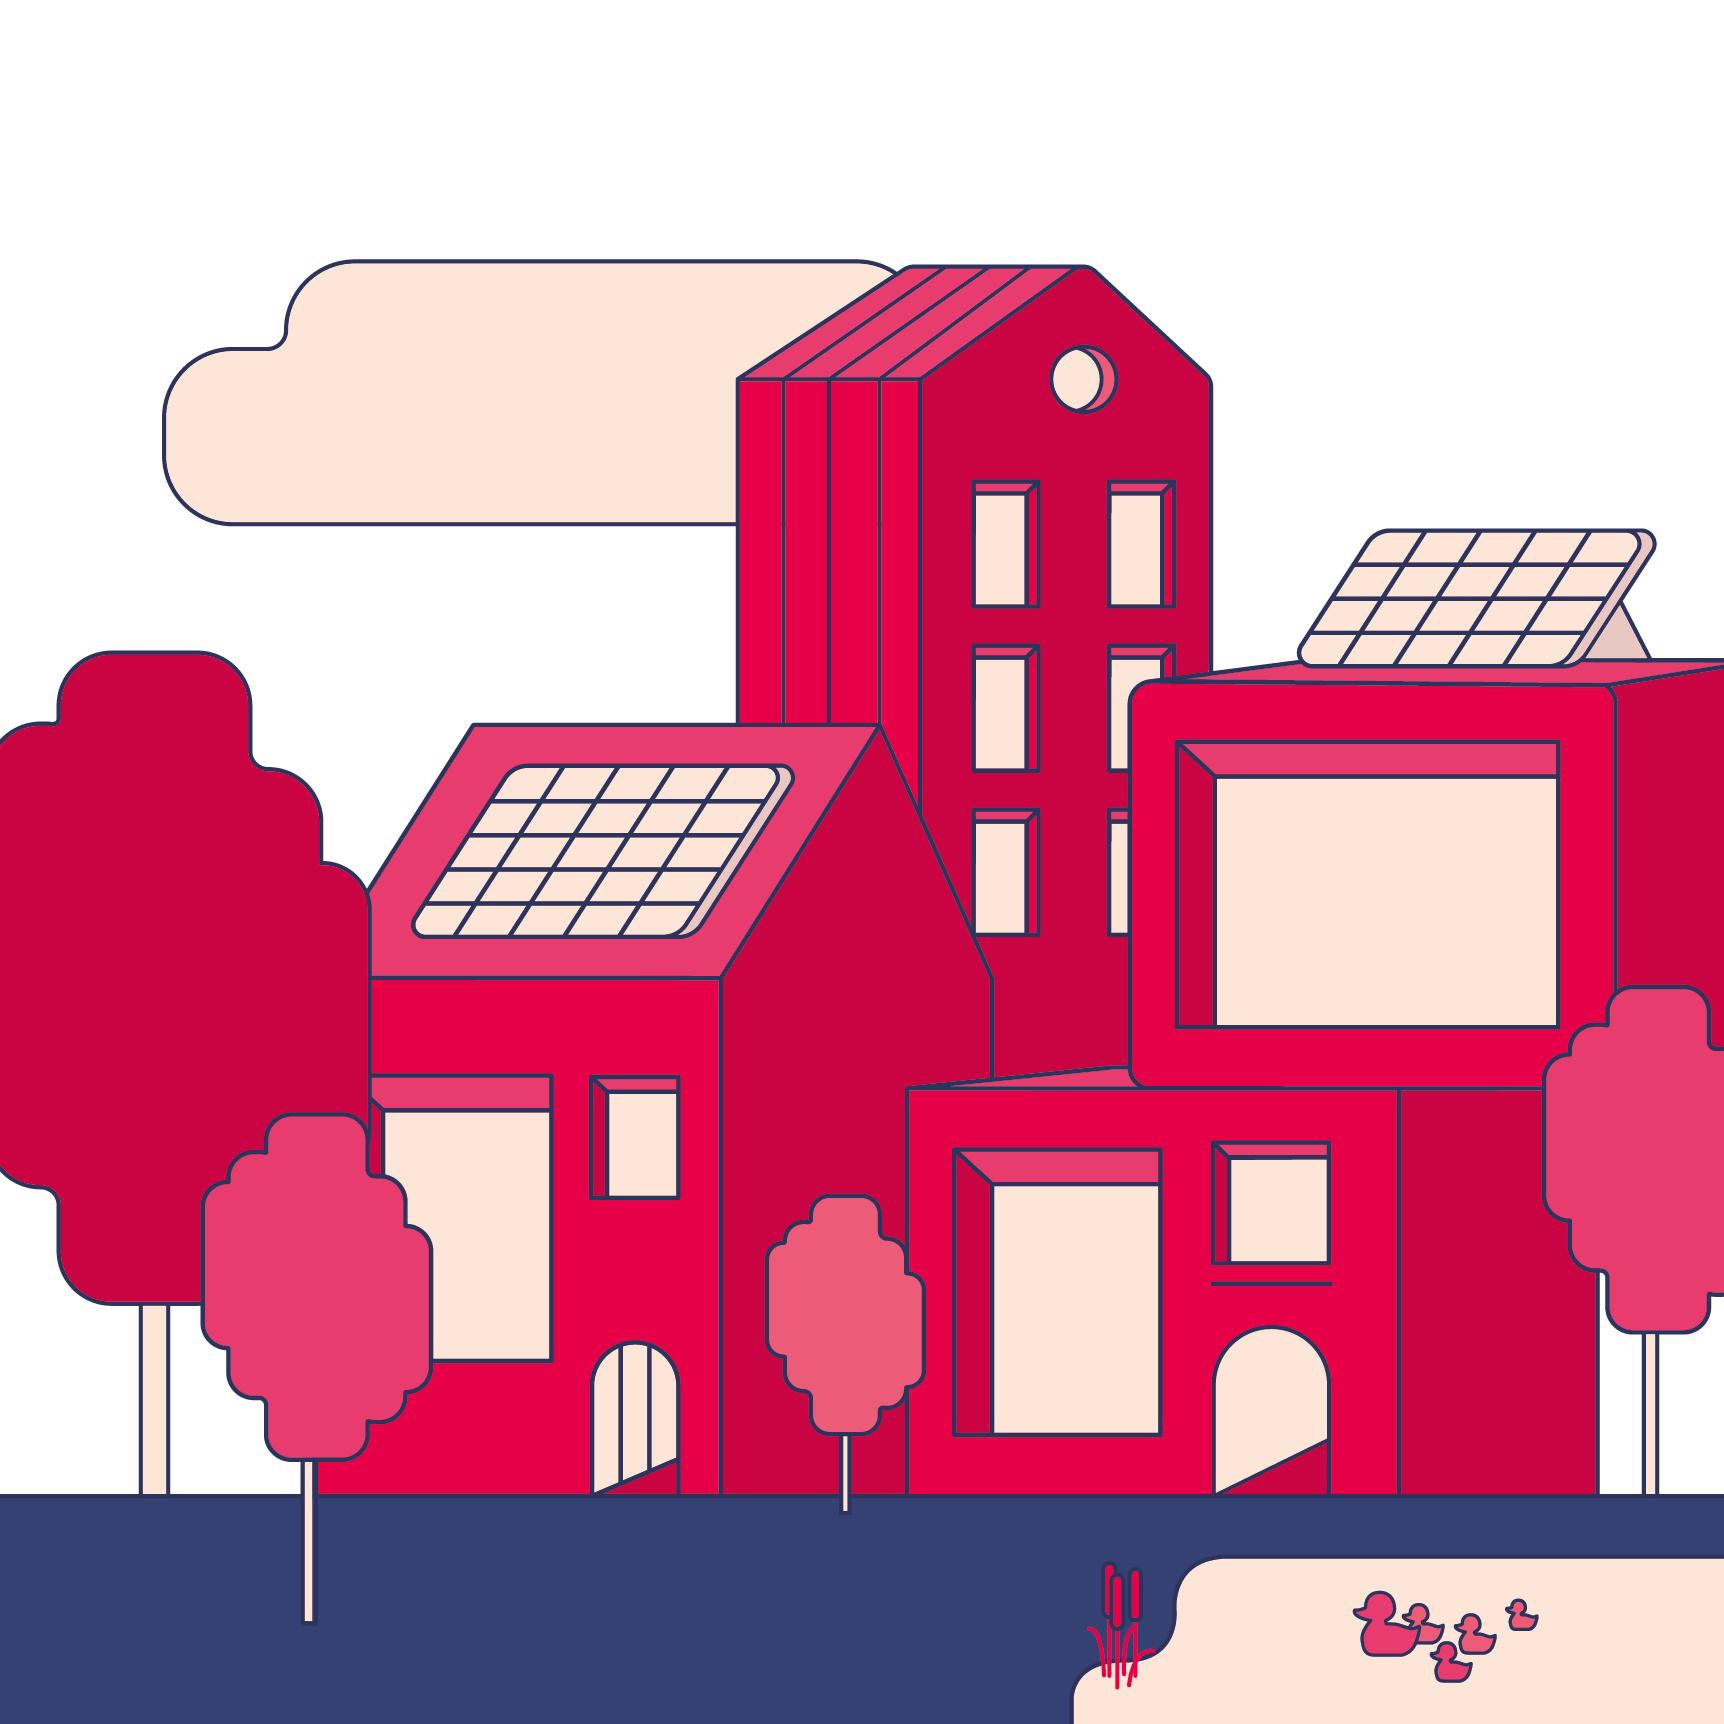 Transitieplan Wonen – Van Grijs en Groen naar Groen en Blauw